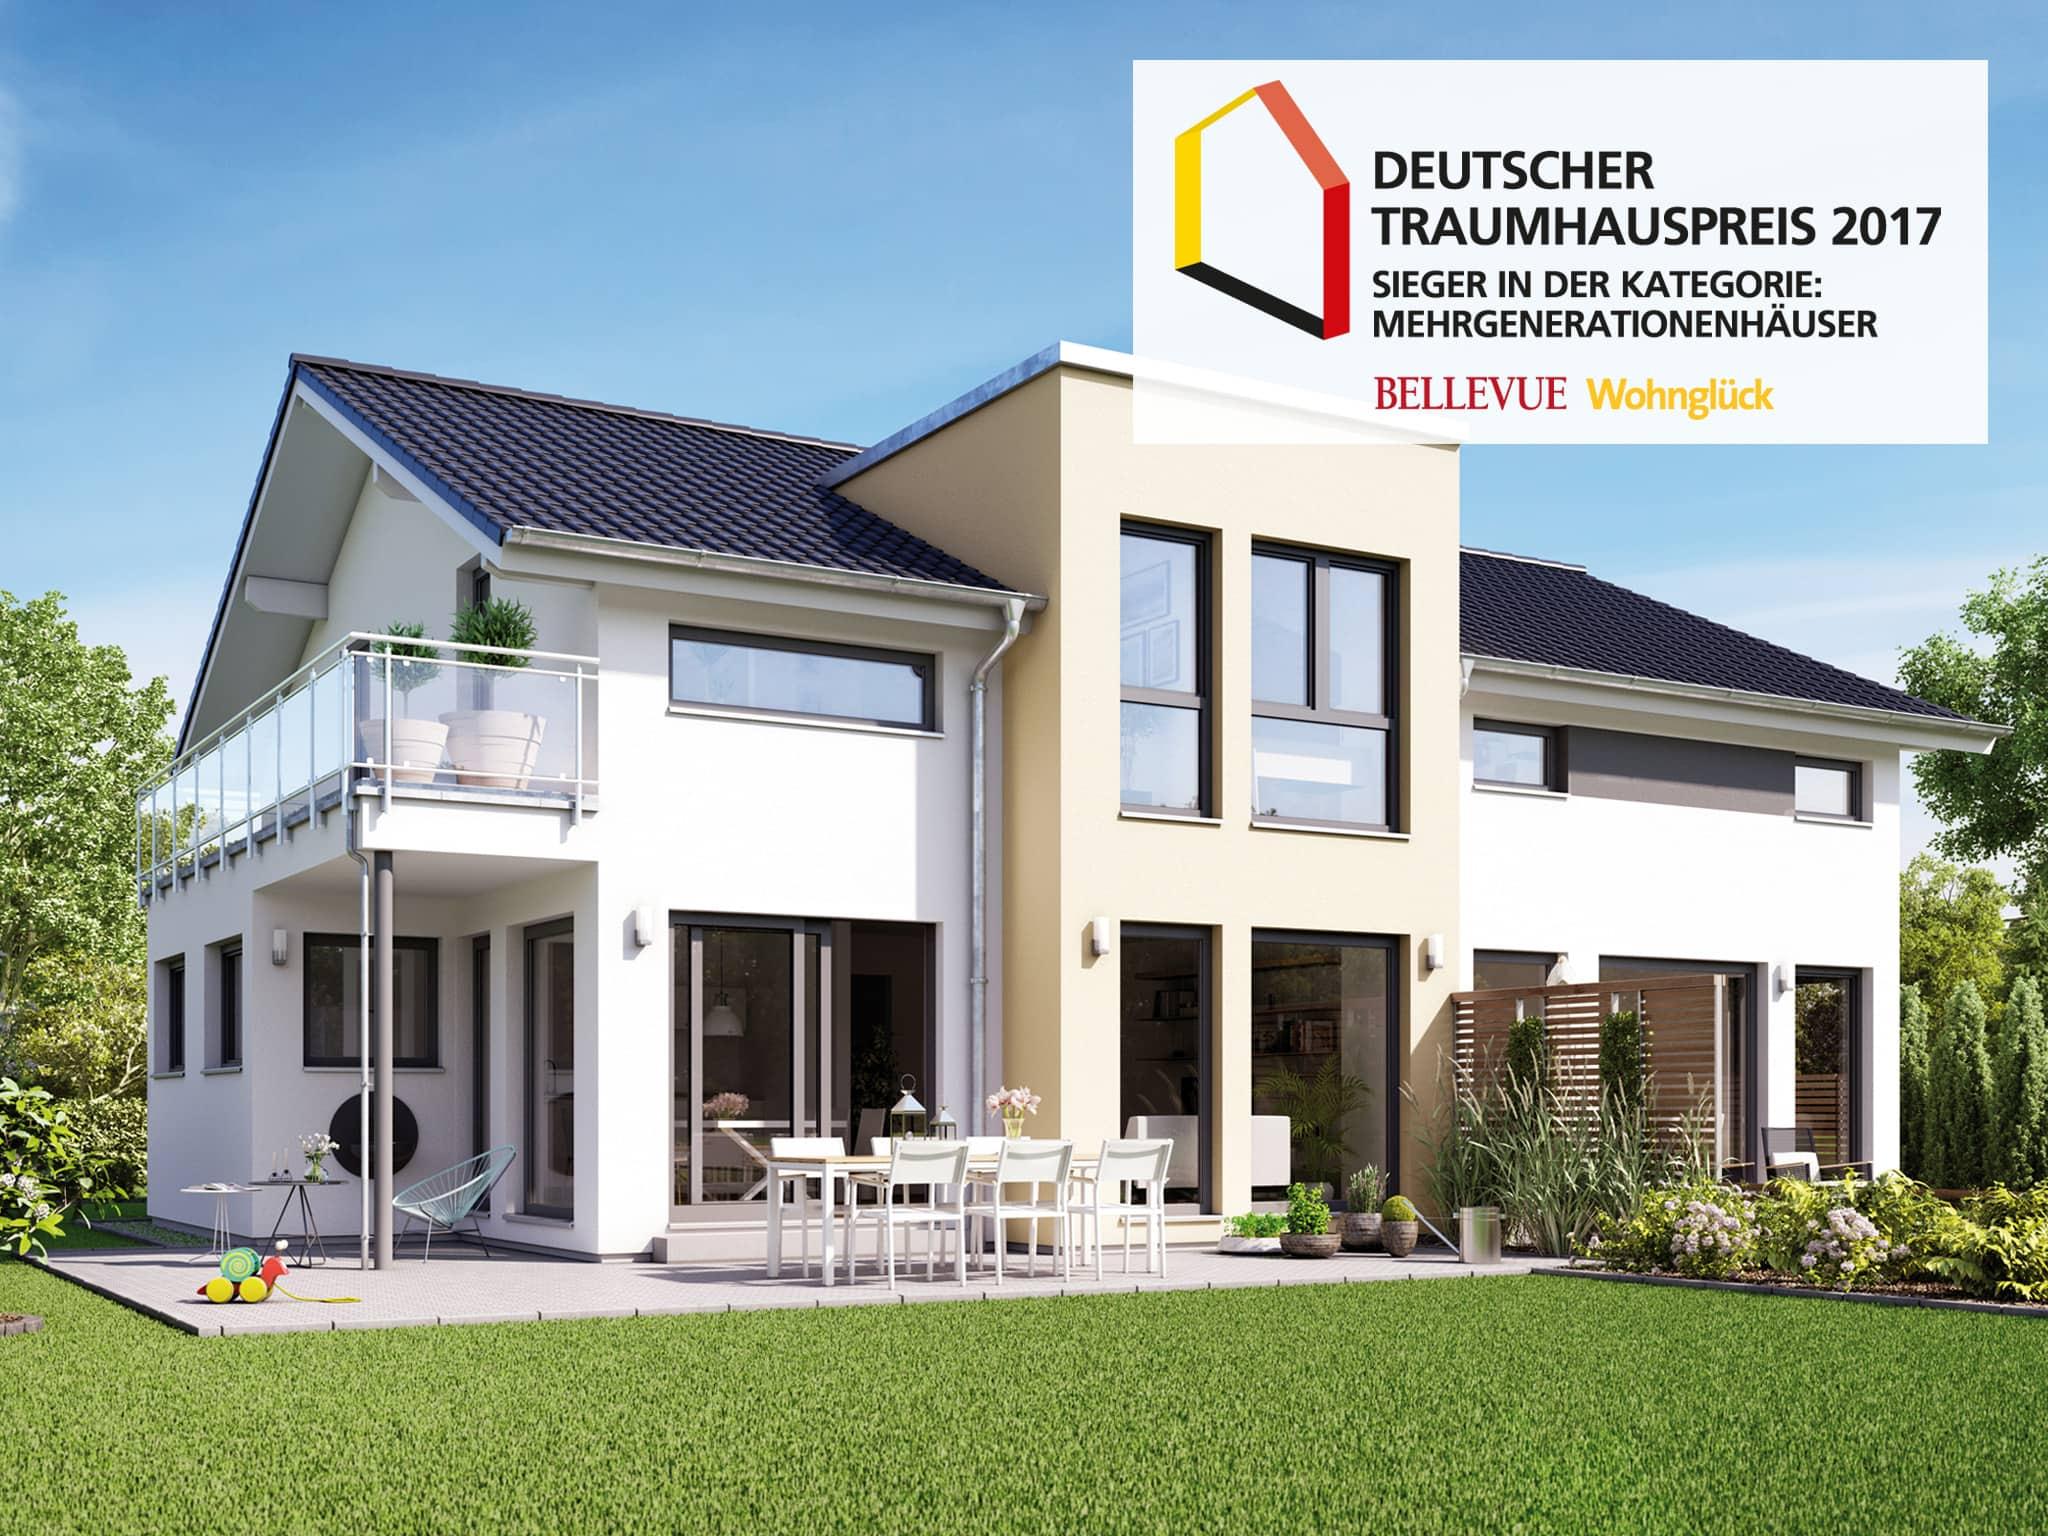 Mehrgenerationenhaus modern mit Einliegerwohnung, Satteldach Architektur, Zwerchgiebel Erker & Balkon - Haus bauen Ideen Fertighaus SOLUTION 230 V4 von Living Haus - HausbauDirekt.de